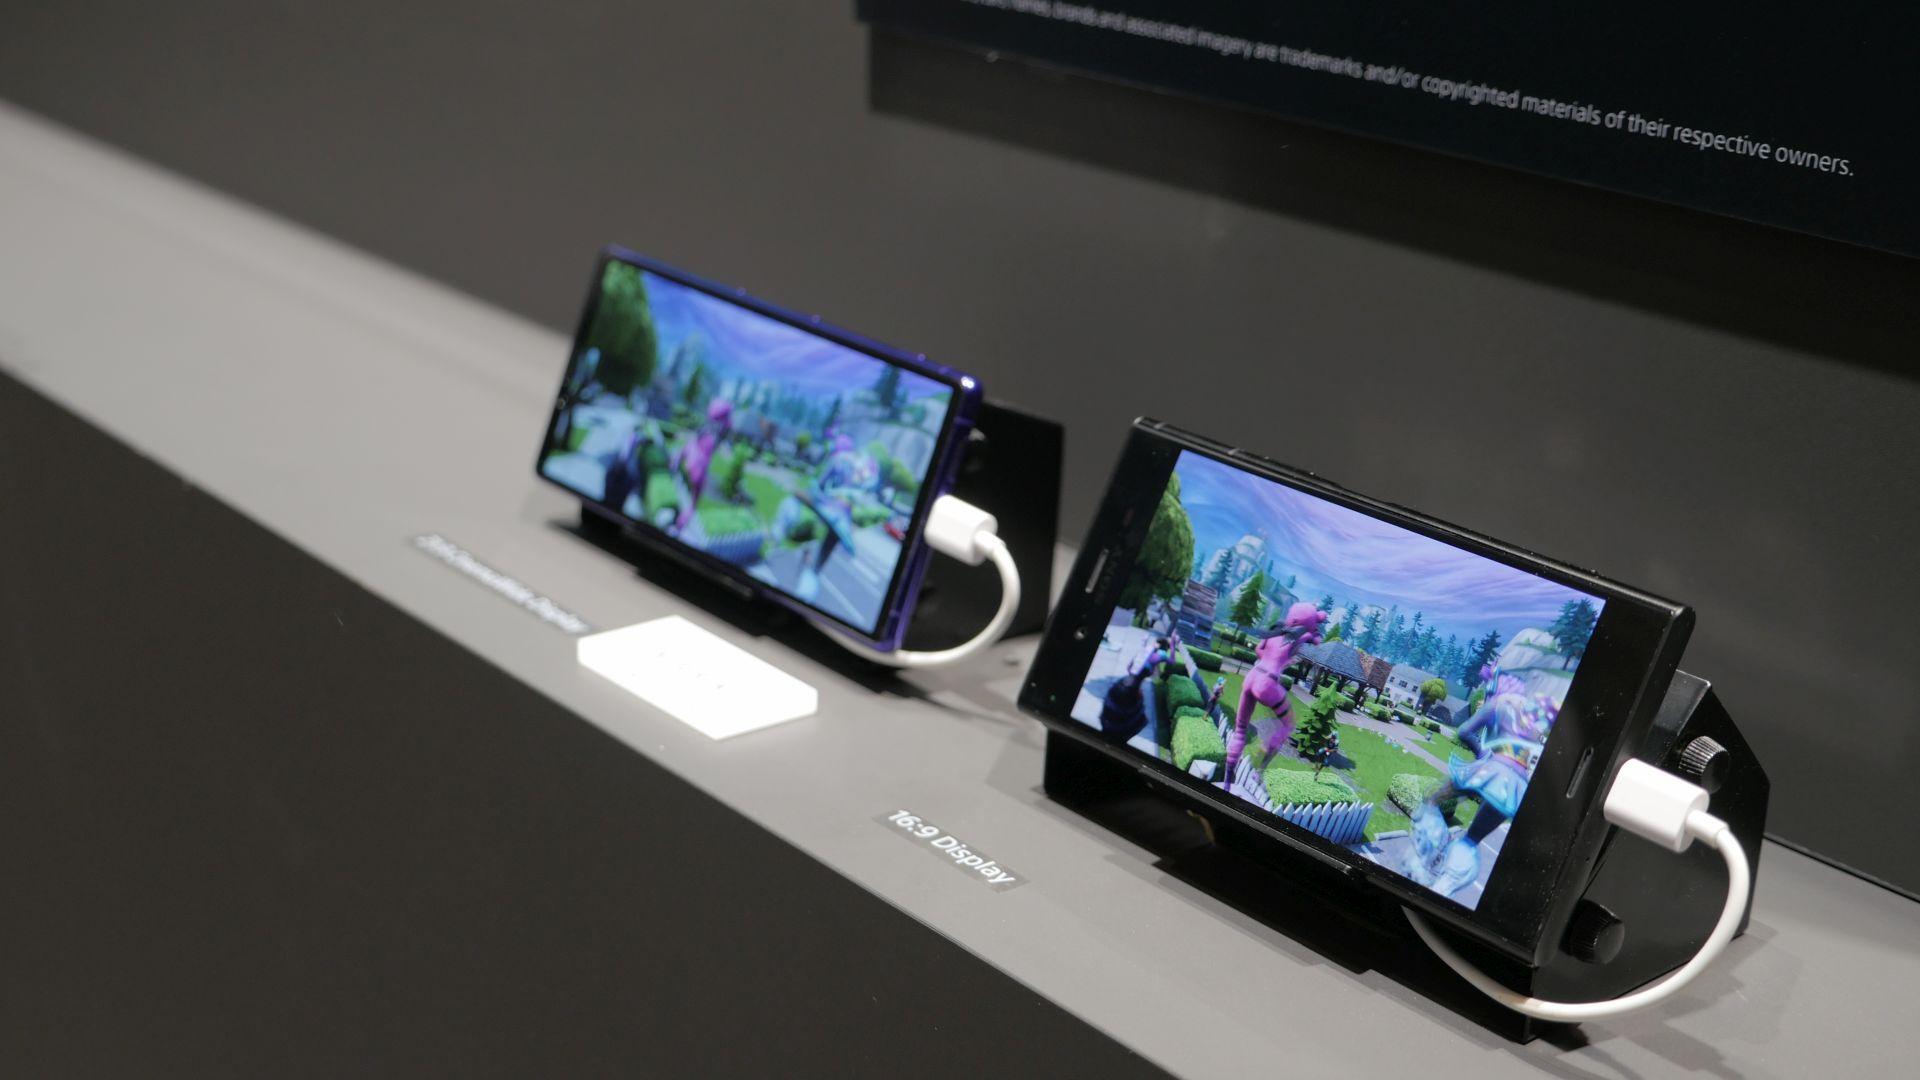 8 aparatów w 1 smartfonie? To plan Sony na sukces